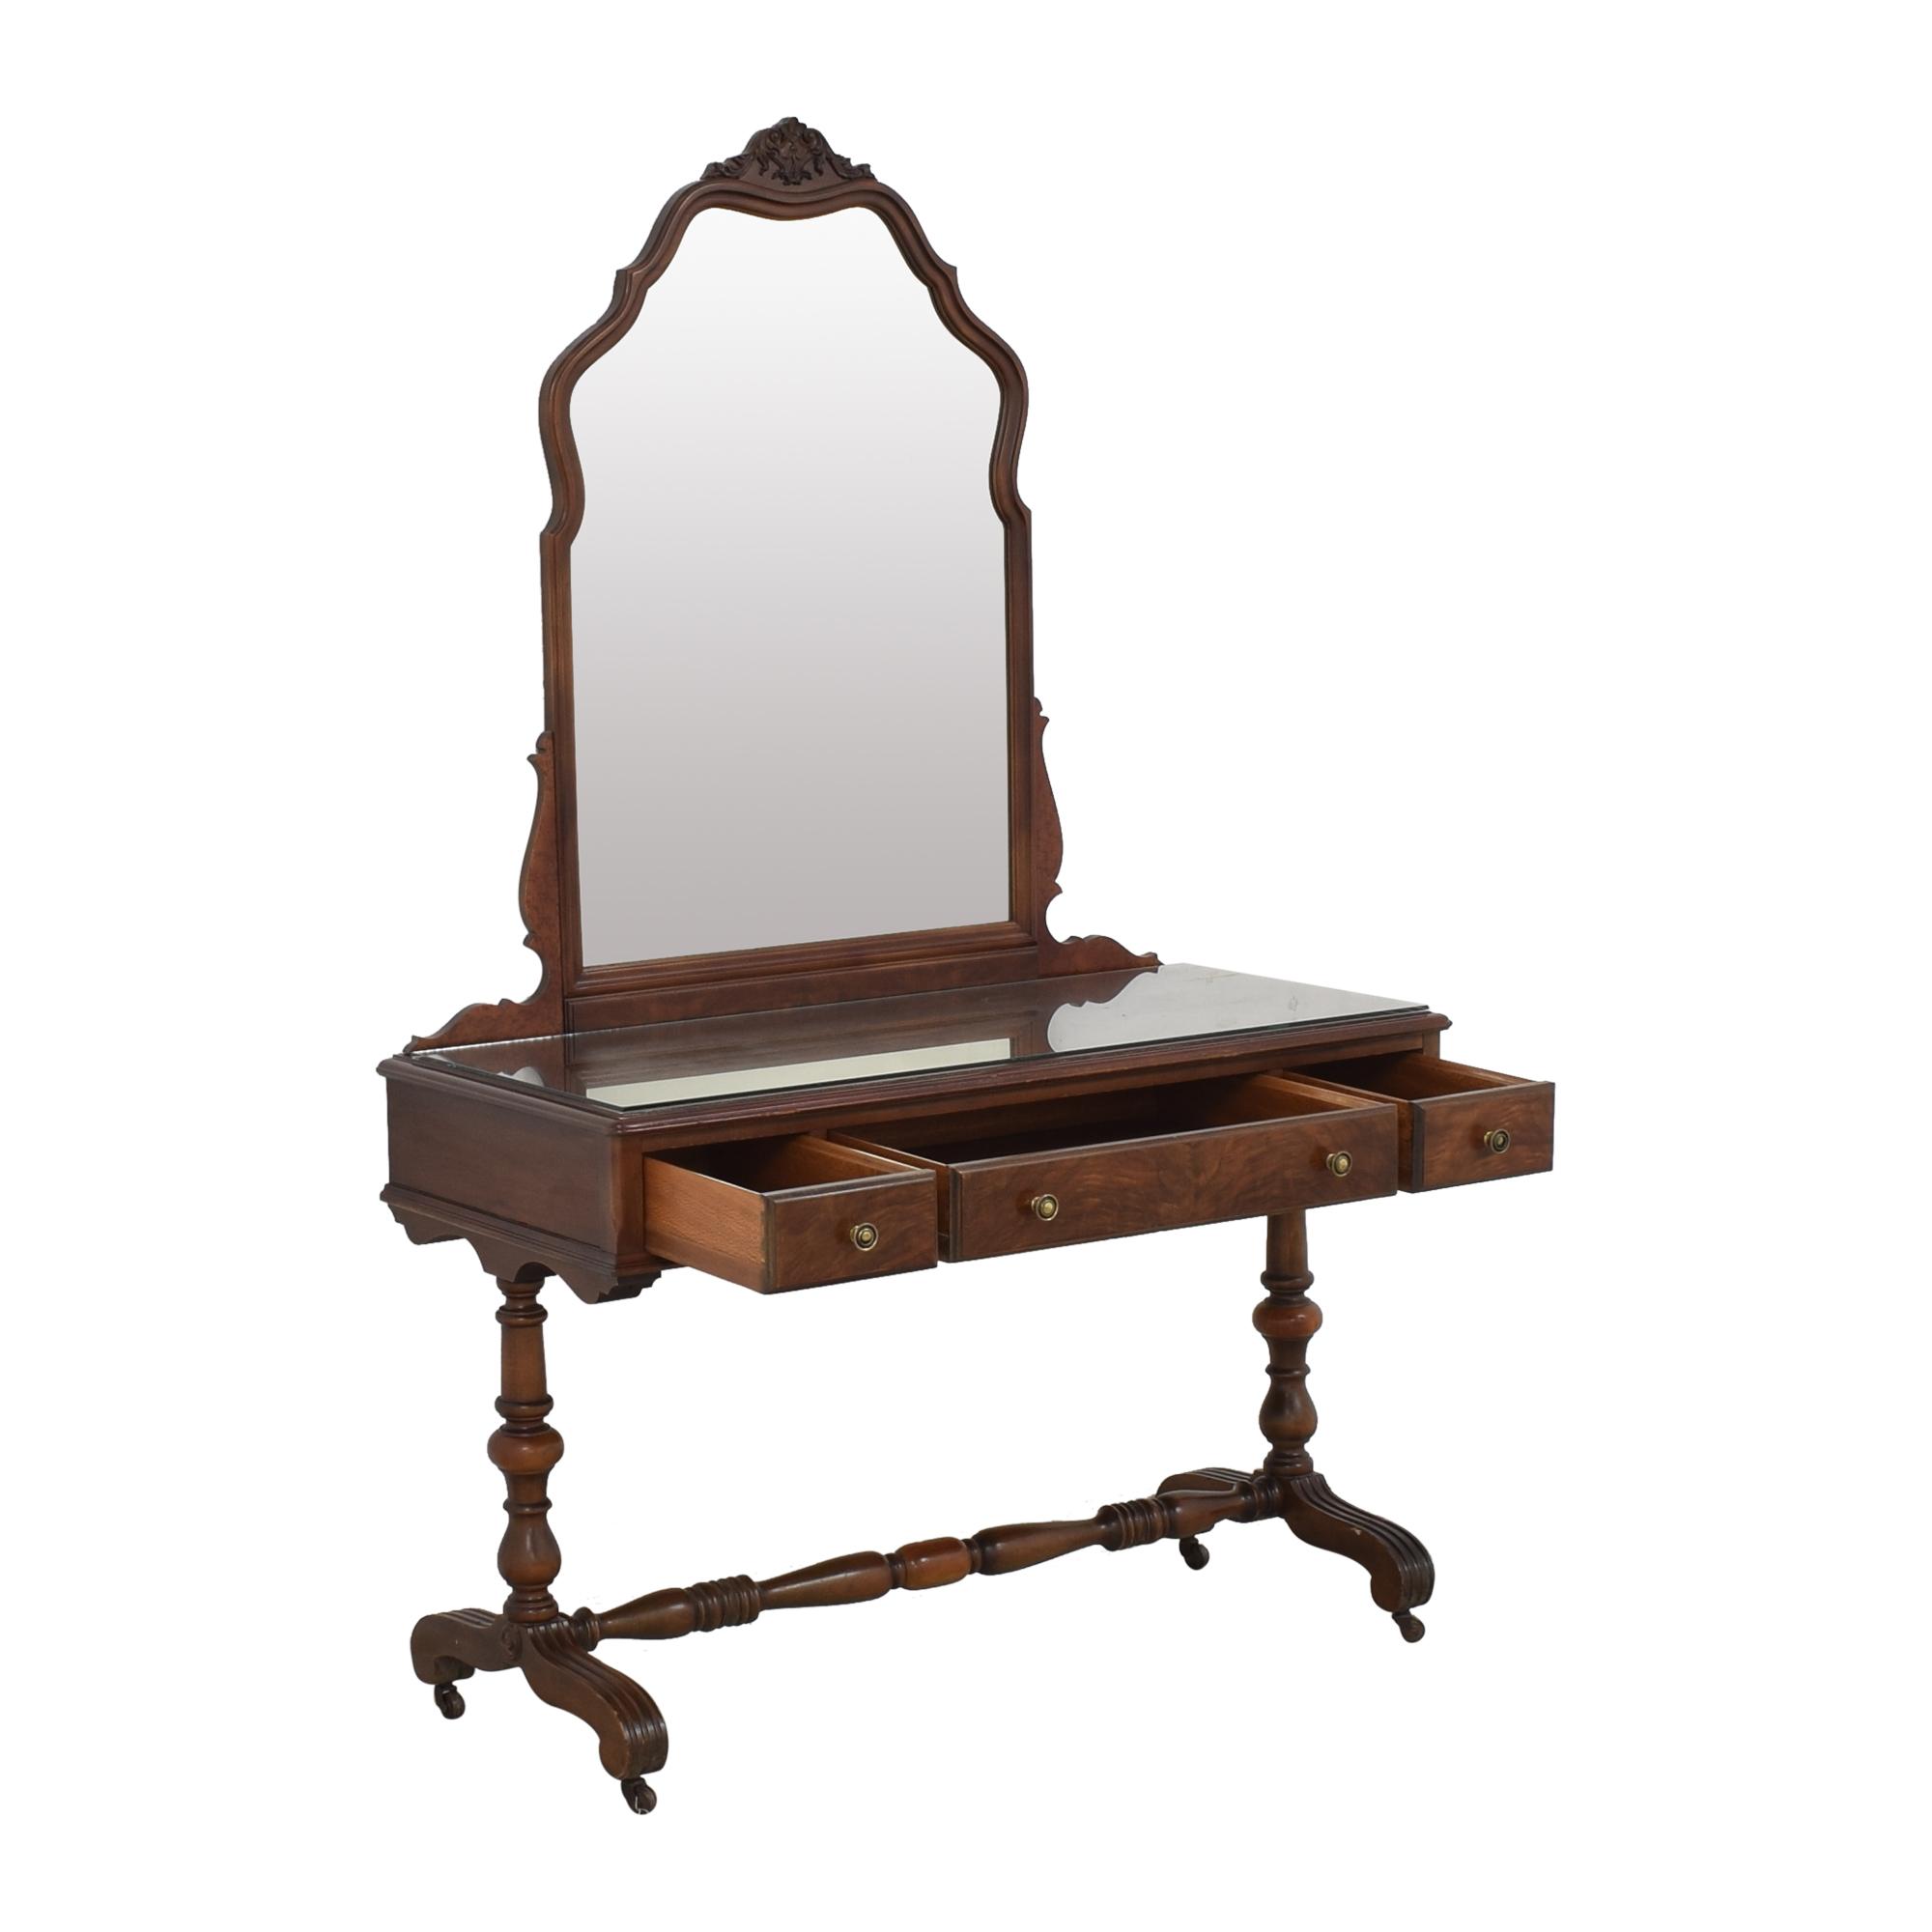 Rishel Company Rishel Company Vanity with Removable Mirror ma